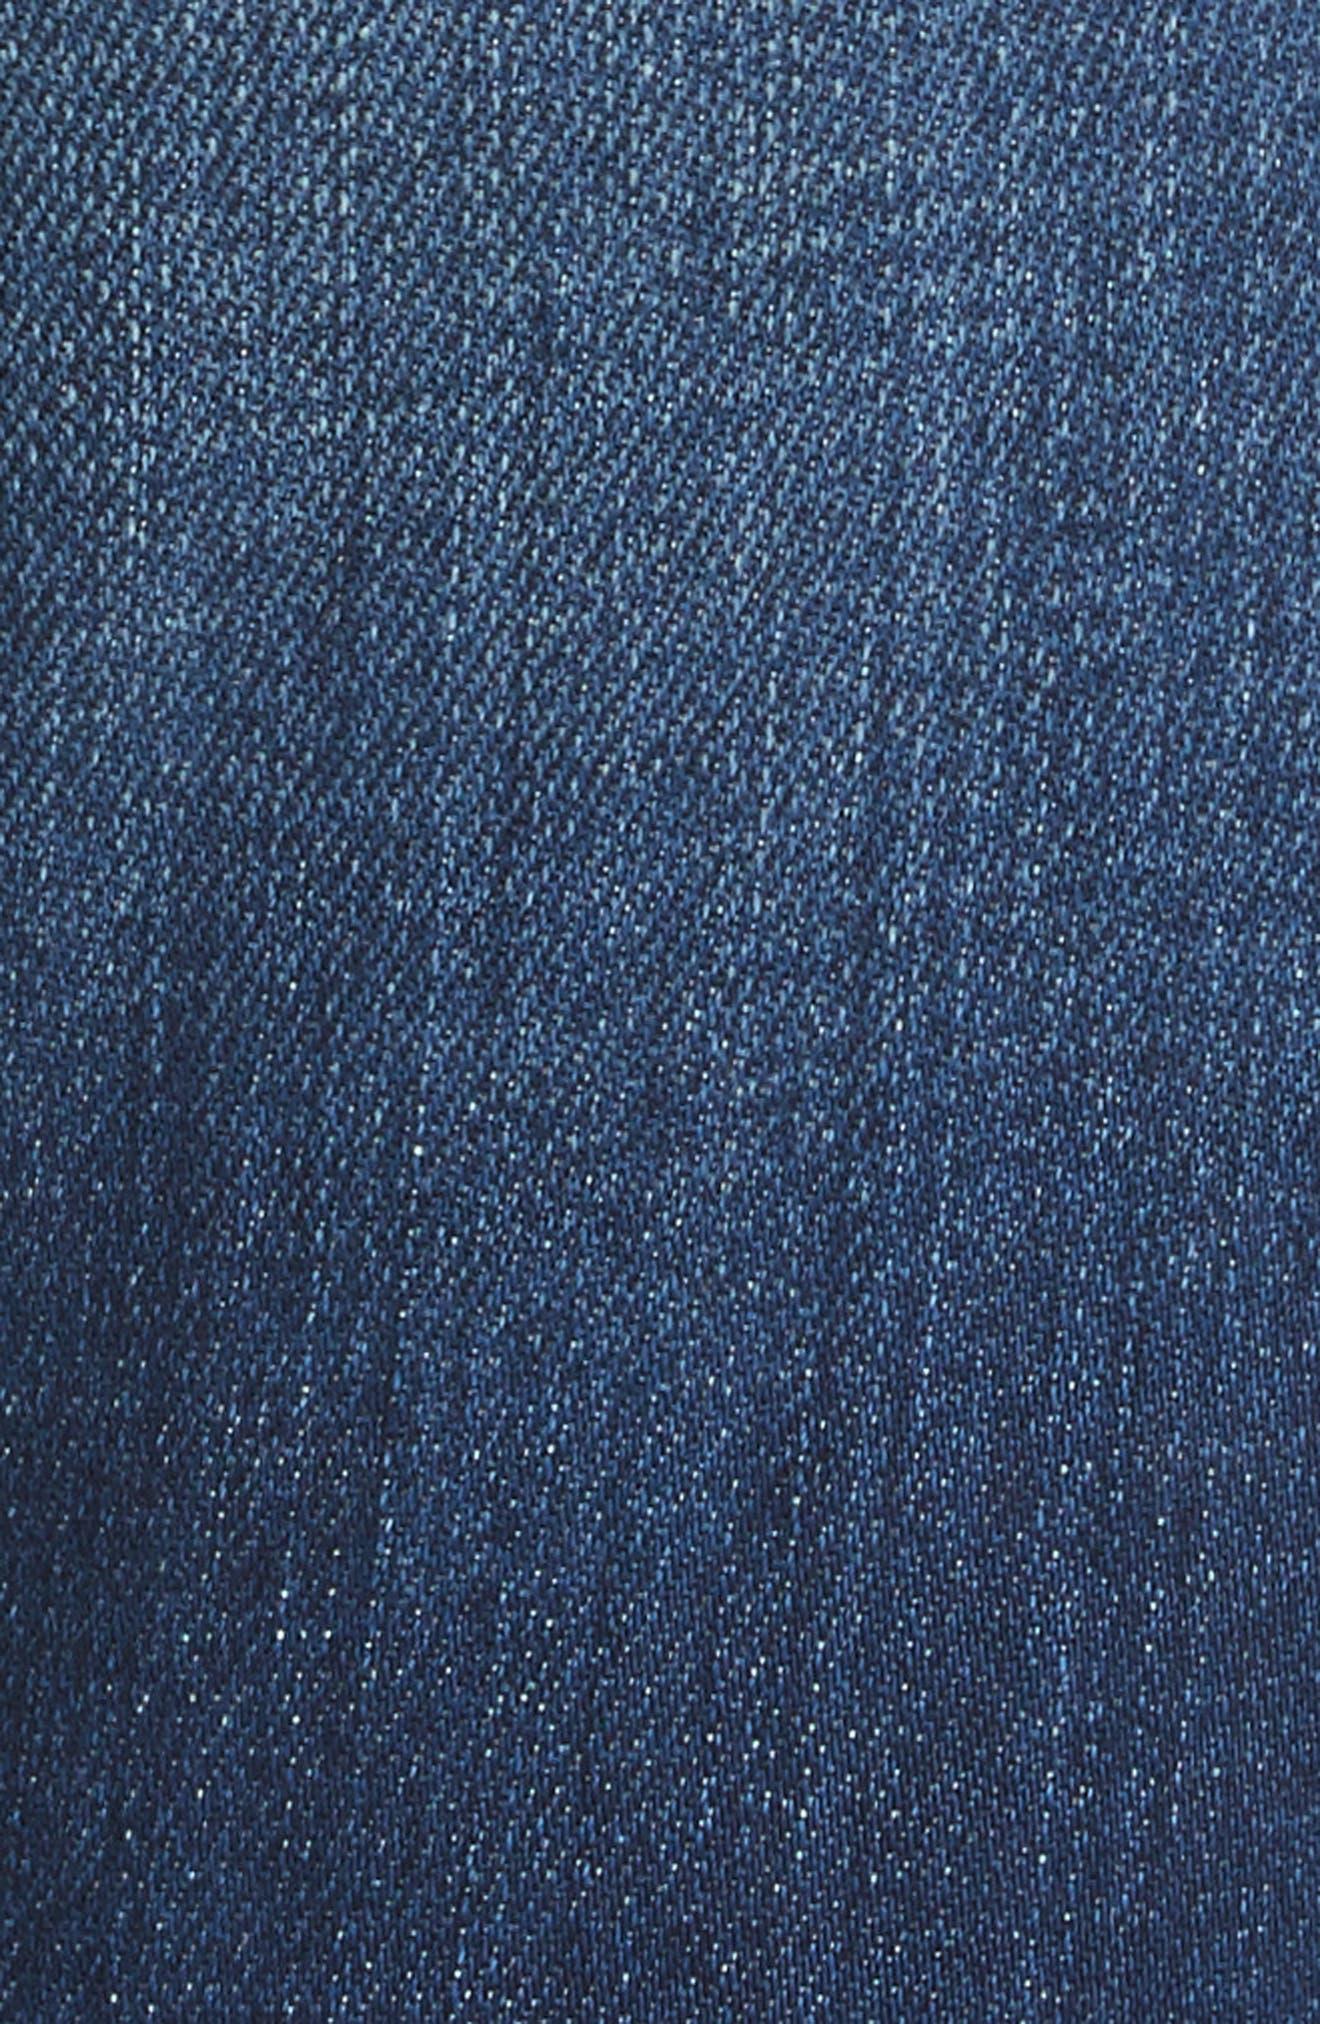 Rachel Ripped Crop Slim Fit Jeans,                             Alternate thumbnail 5, color,                             DIAMOND DESTRUCT